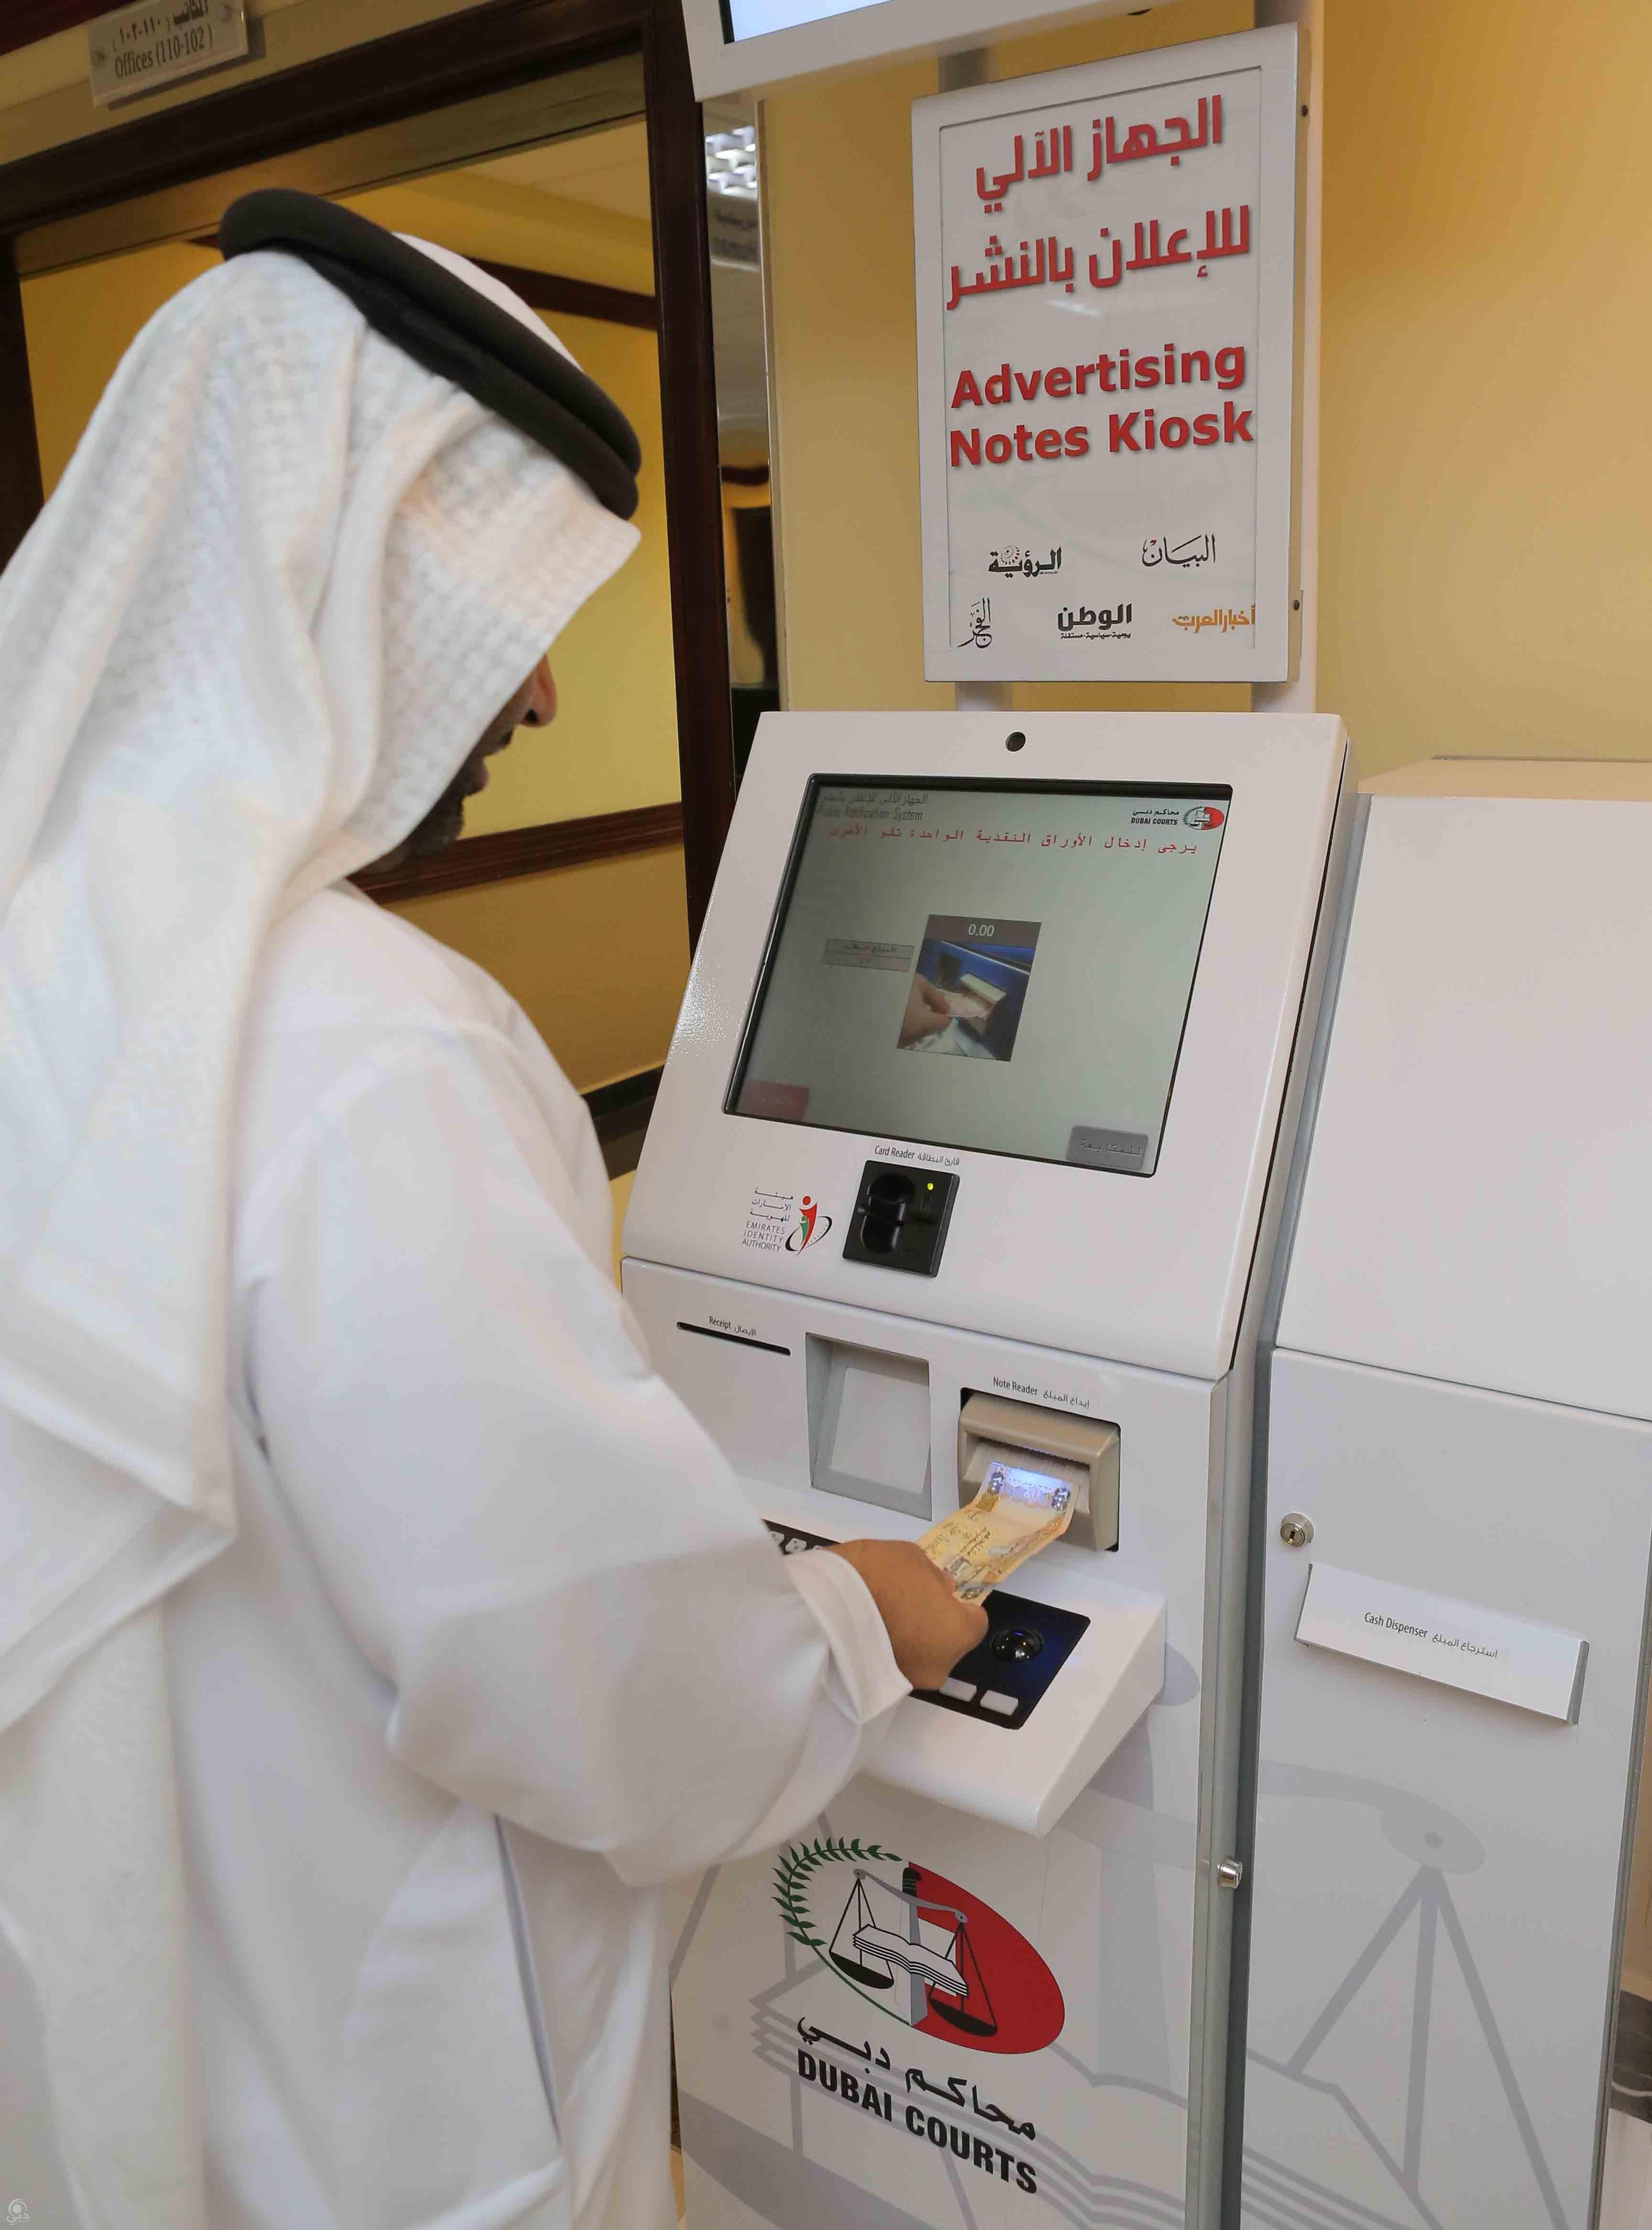 """محاكم دبي تطلق خدمة """"الإعلان بالنشر الإلكتروني"""""""